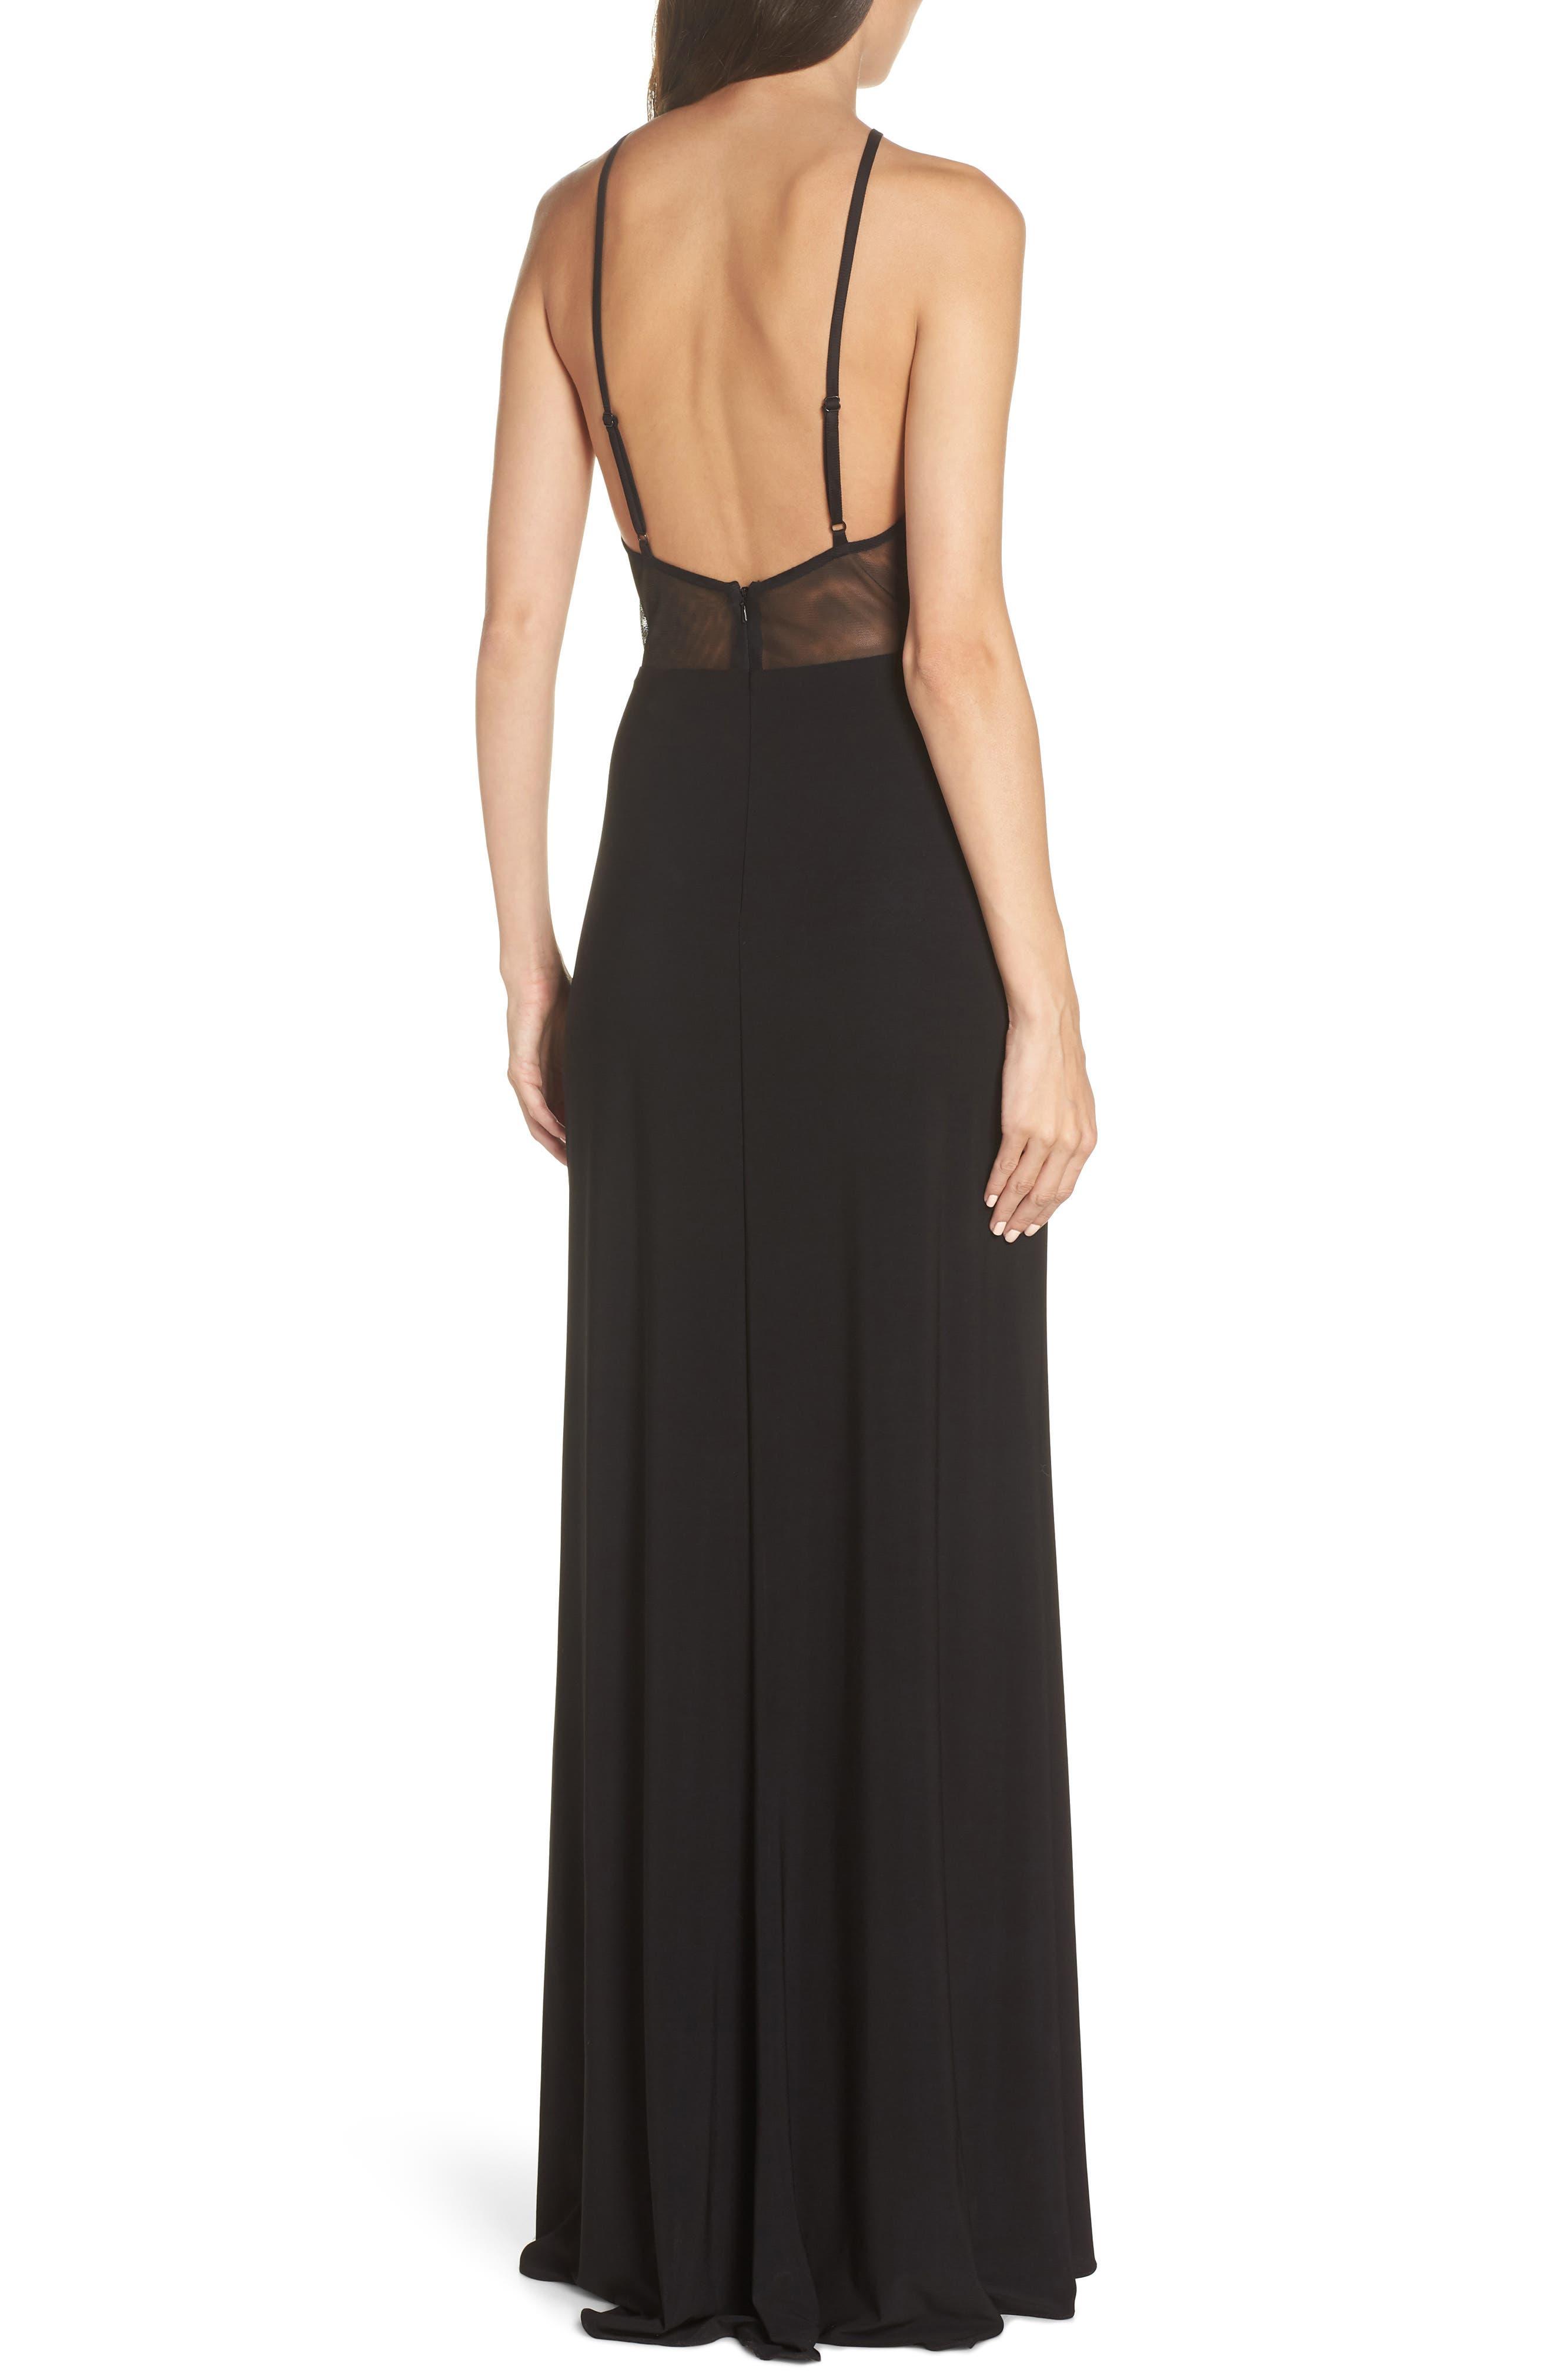 BLONDIE NITES,                             Embellished Appliqué Halter Gown,                             Alternate thumbnail 2, color,                             BLACK/ GOLD